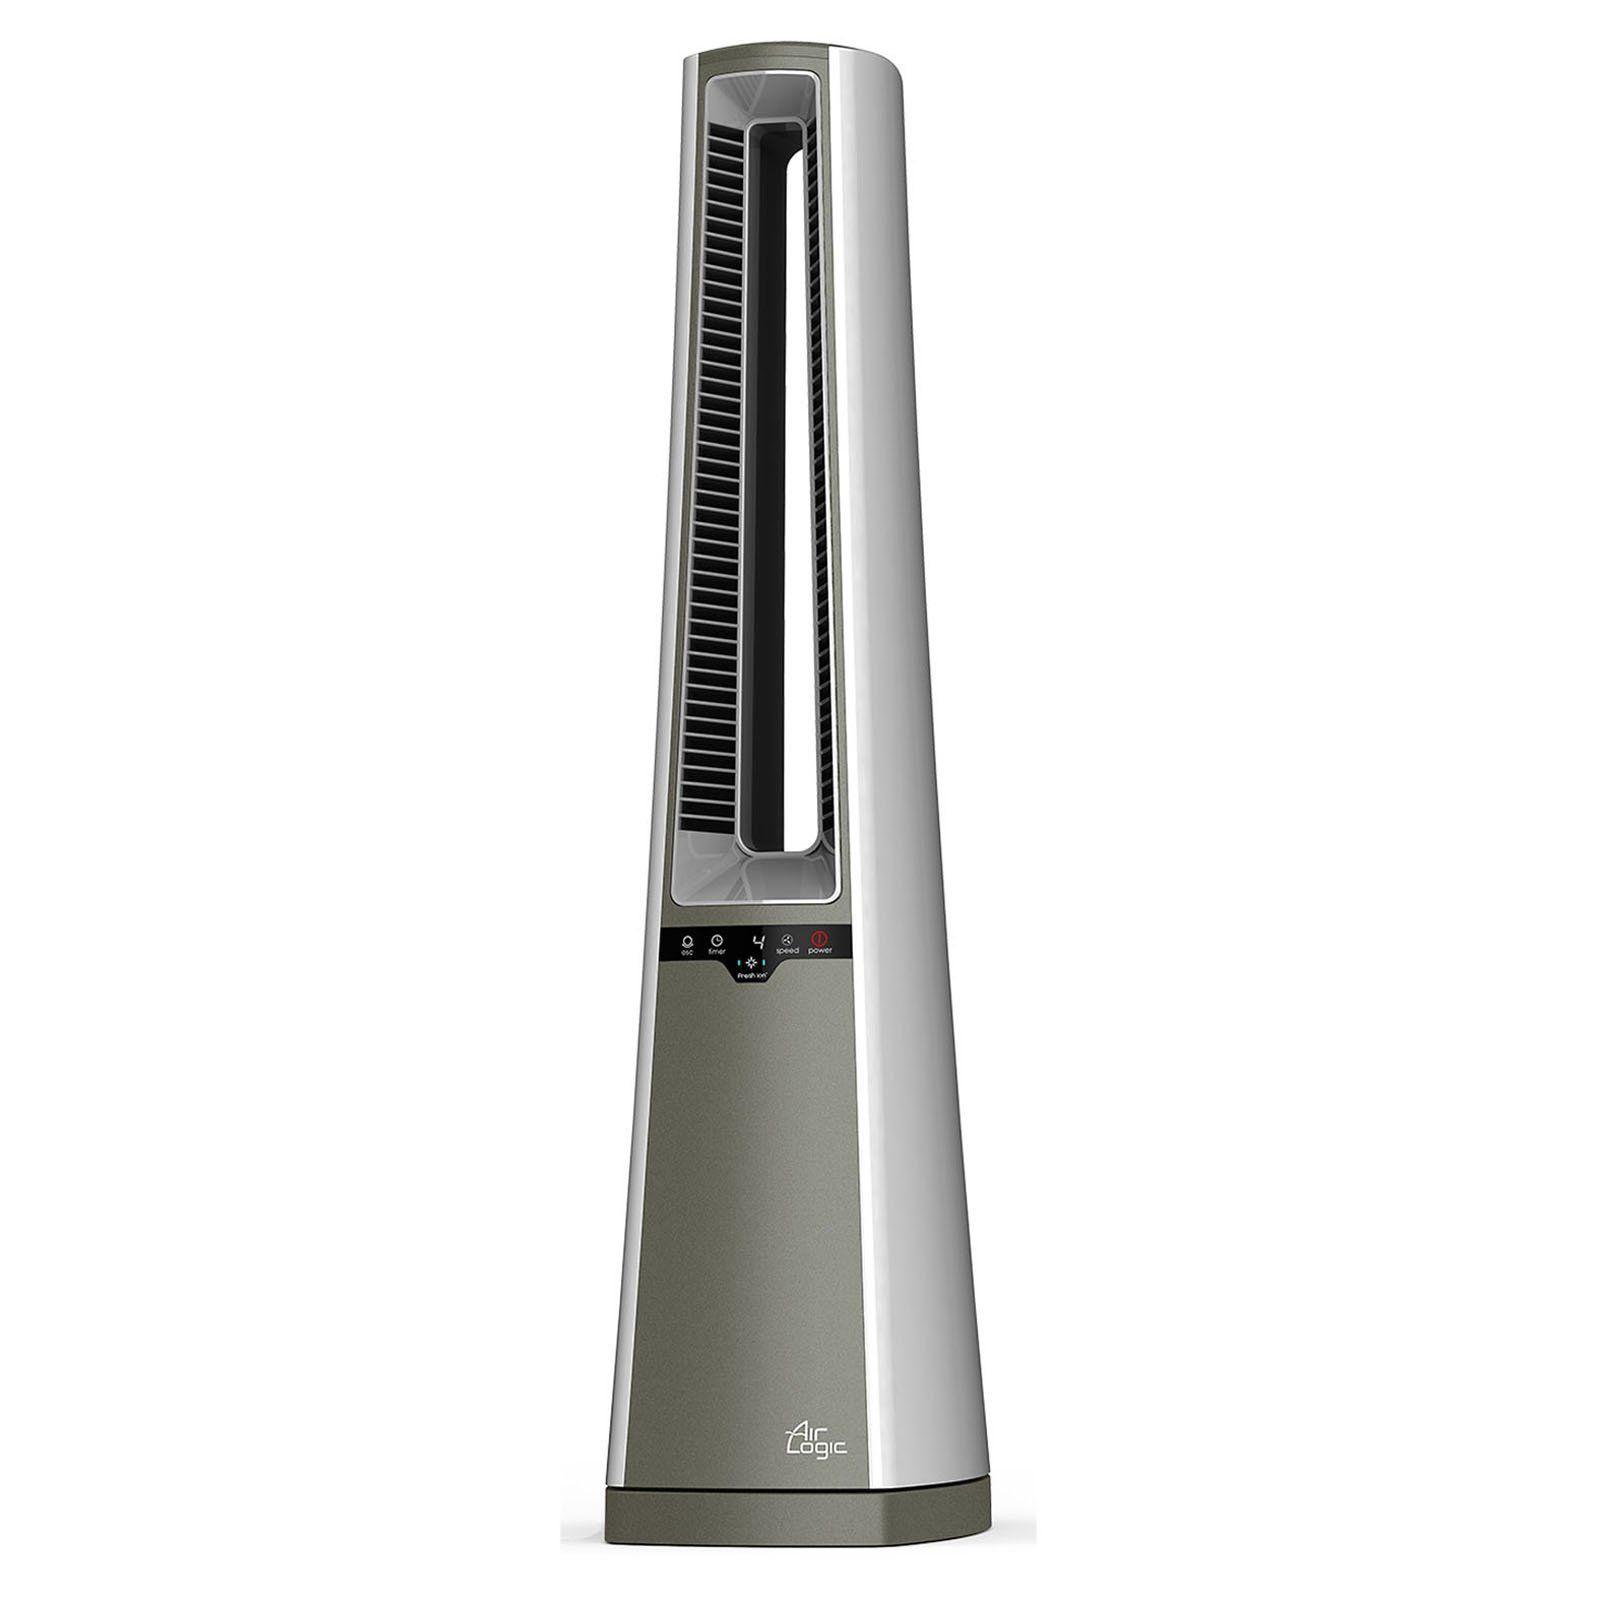 Lasko Air Logic Cool Bladeless Fan Ac600 Tower Fan Portable Fan Fan